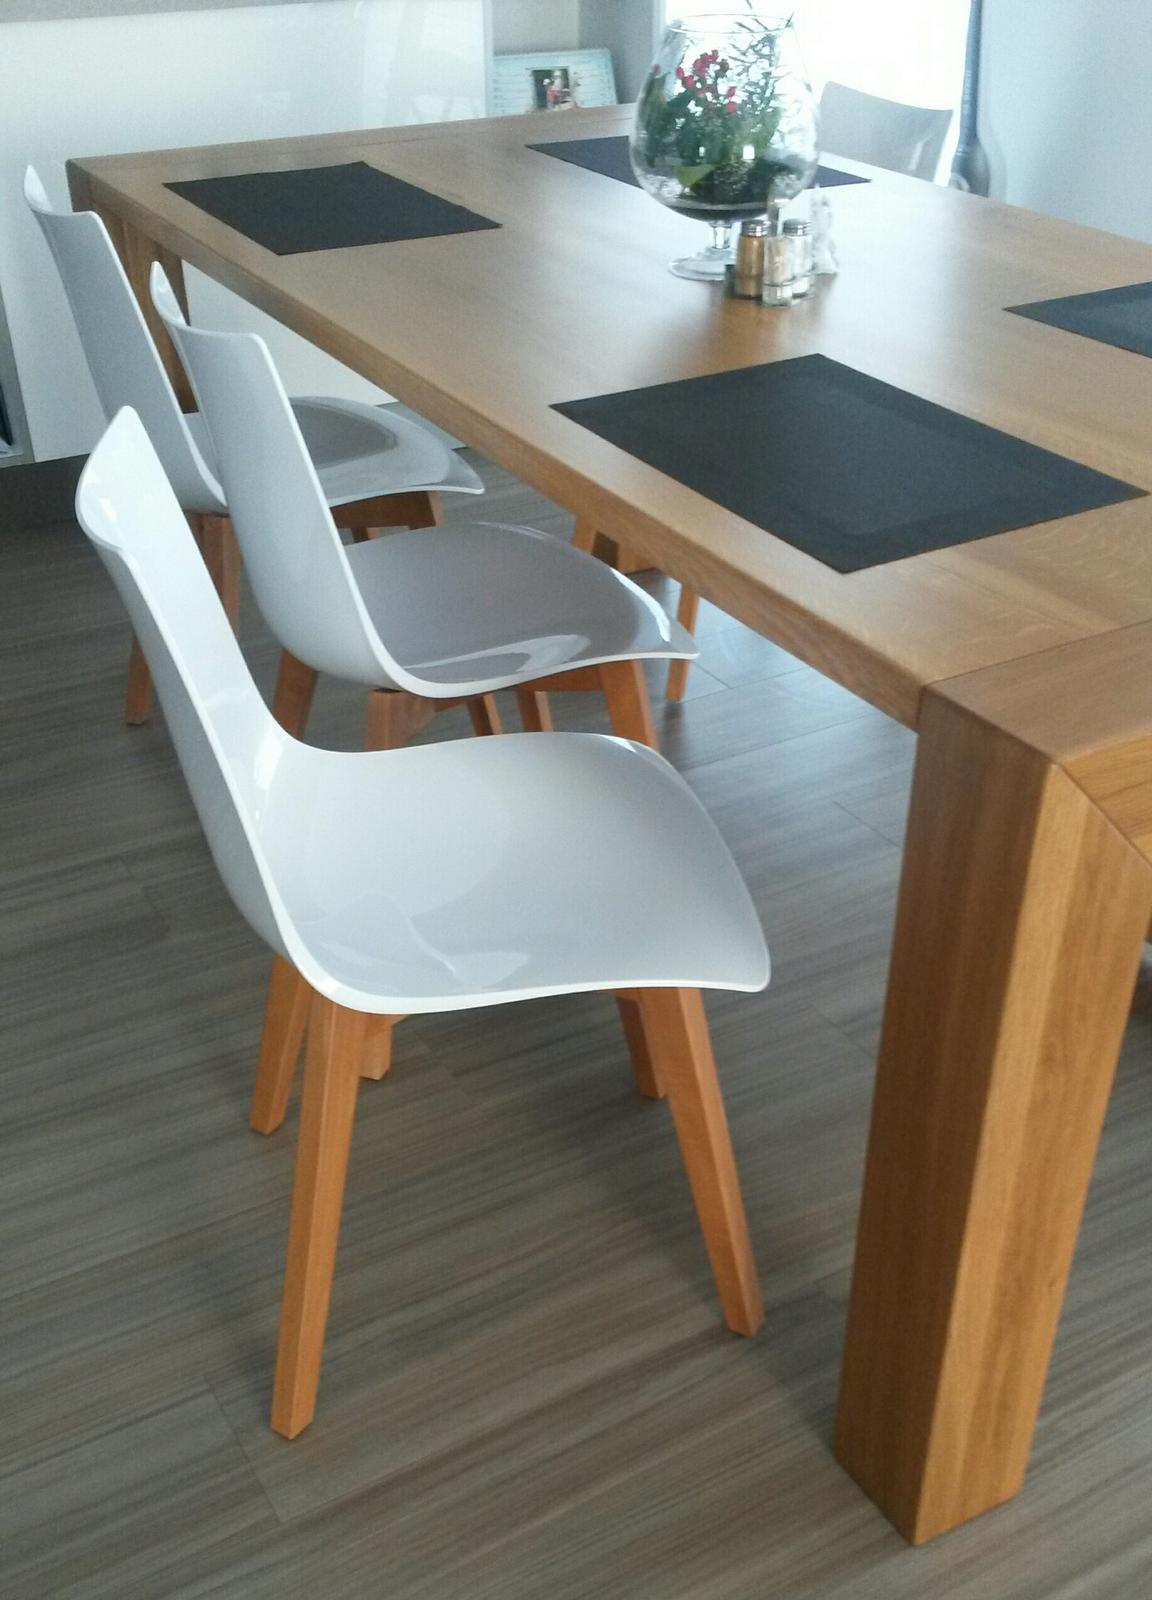 Kuchyně ....ta proklatá kuchyně :-) - Židle Scab_Natural Zebra_barva noh předělávaná truhlářem. S těmito židlemi jsme si užili samé trable, ale i tak jsem ráda, že je máme konečně tak jak jsme si vždy přáli.